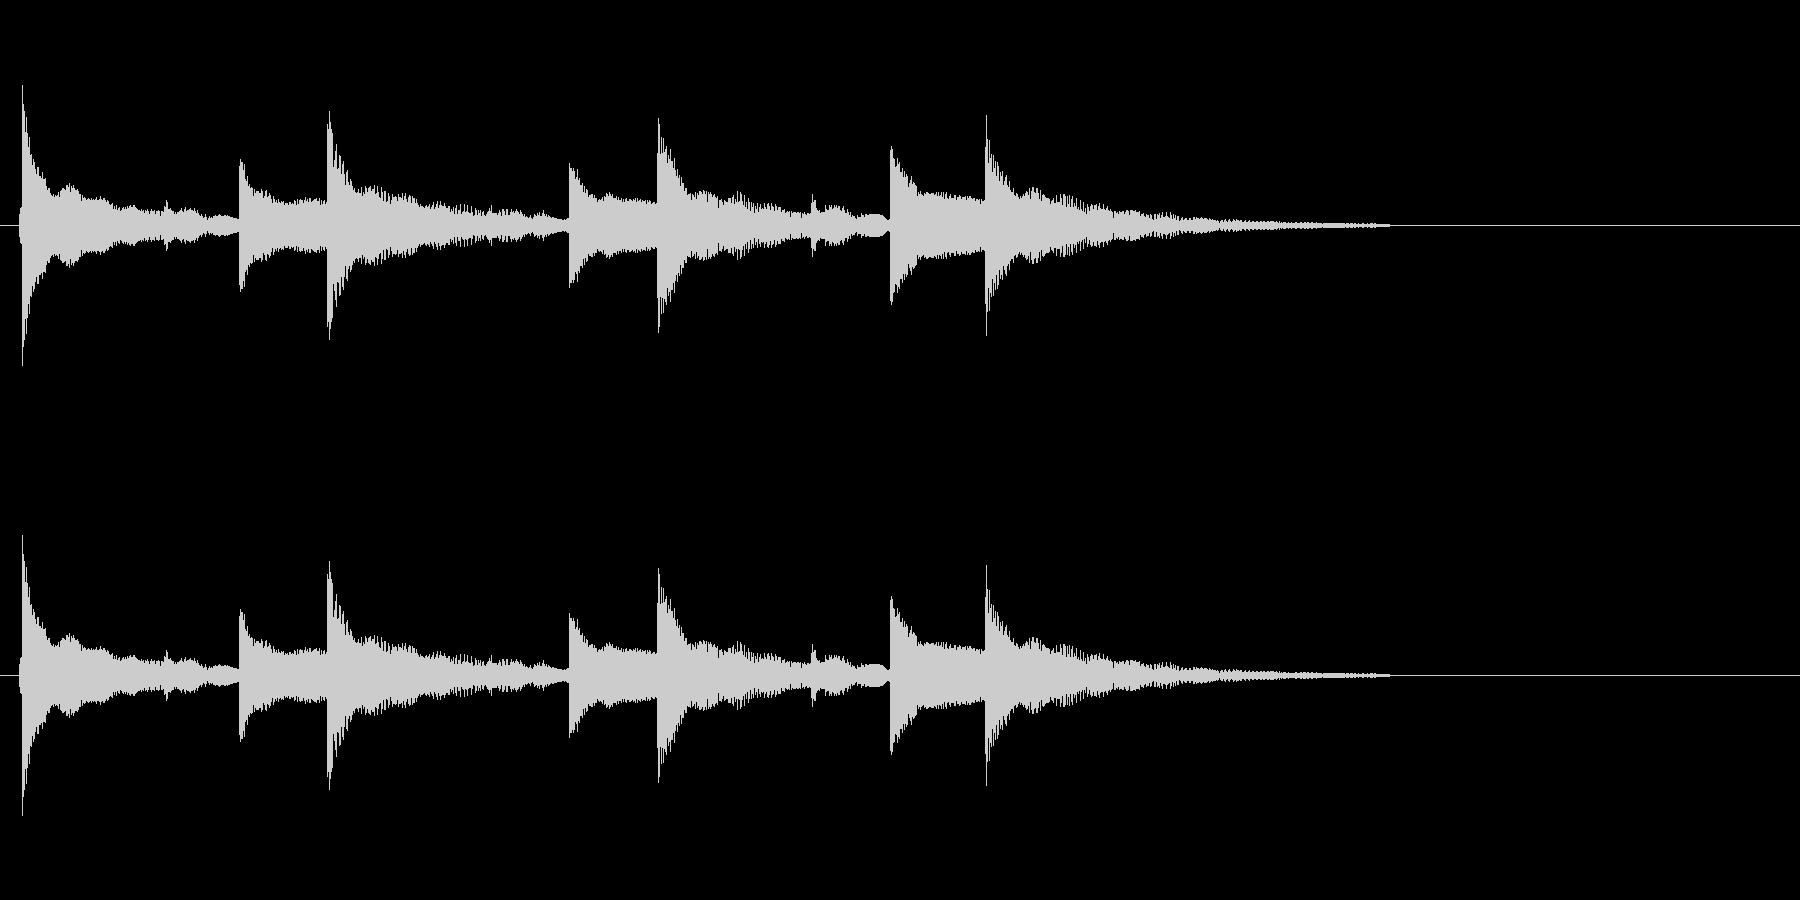 「ちゃららら×3+ら〜」ウクレレアラームの未再生の波形